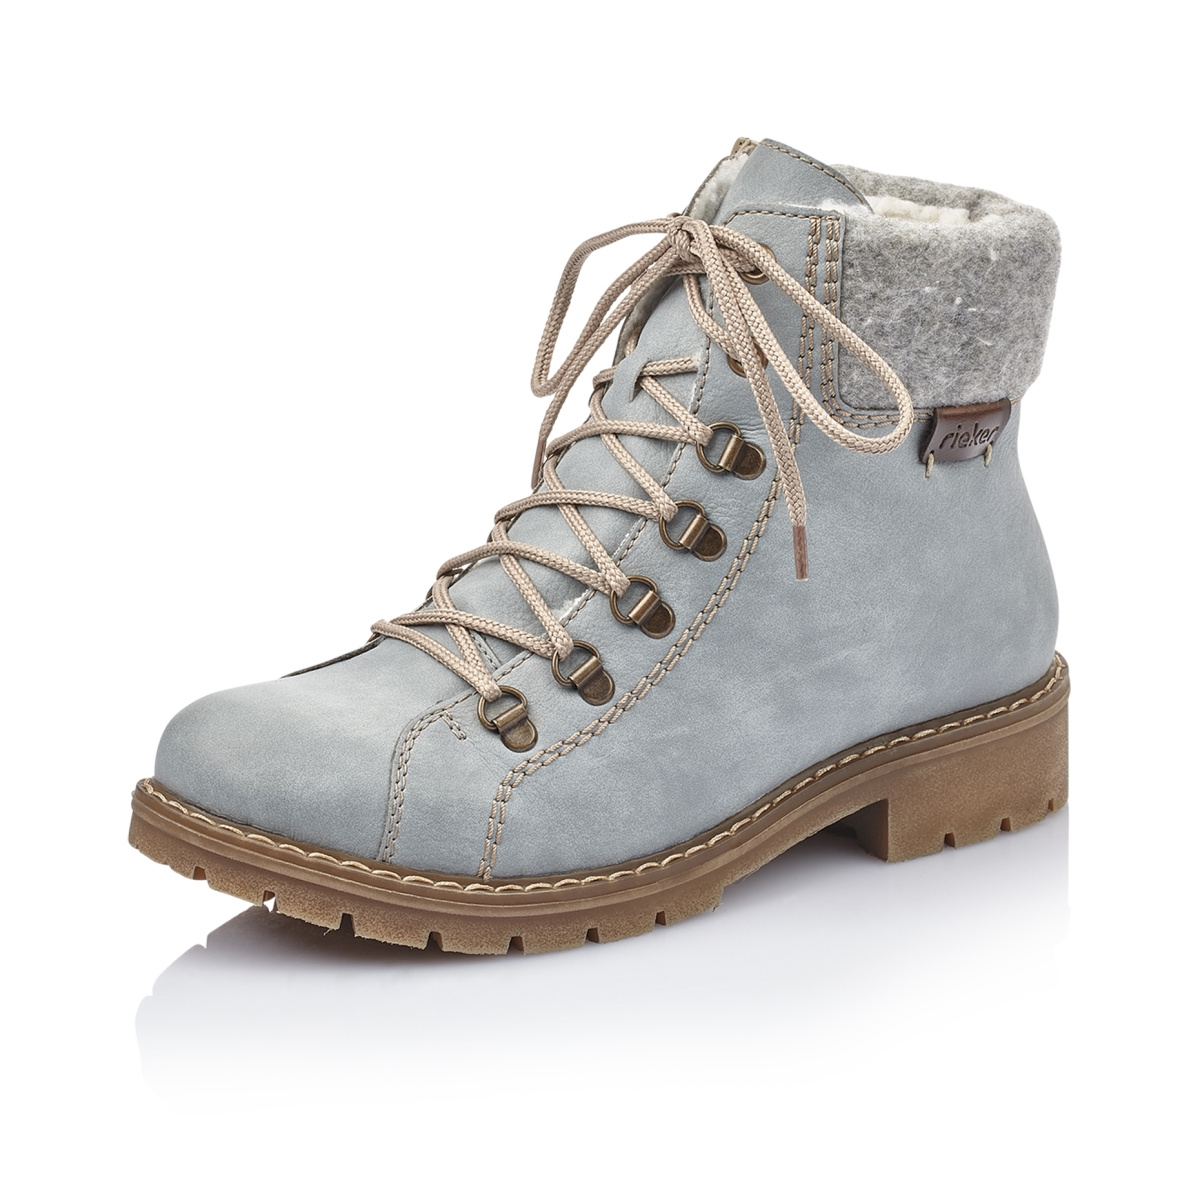 deb2bf4aa0 detail Dámská obuv RIEKER Y9142 10 BLAU KOMBI H W 8